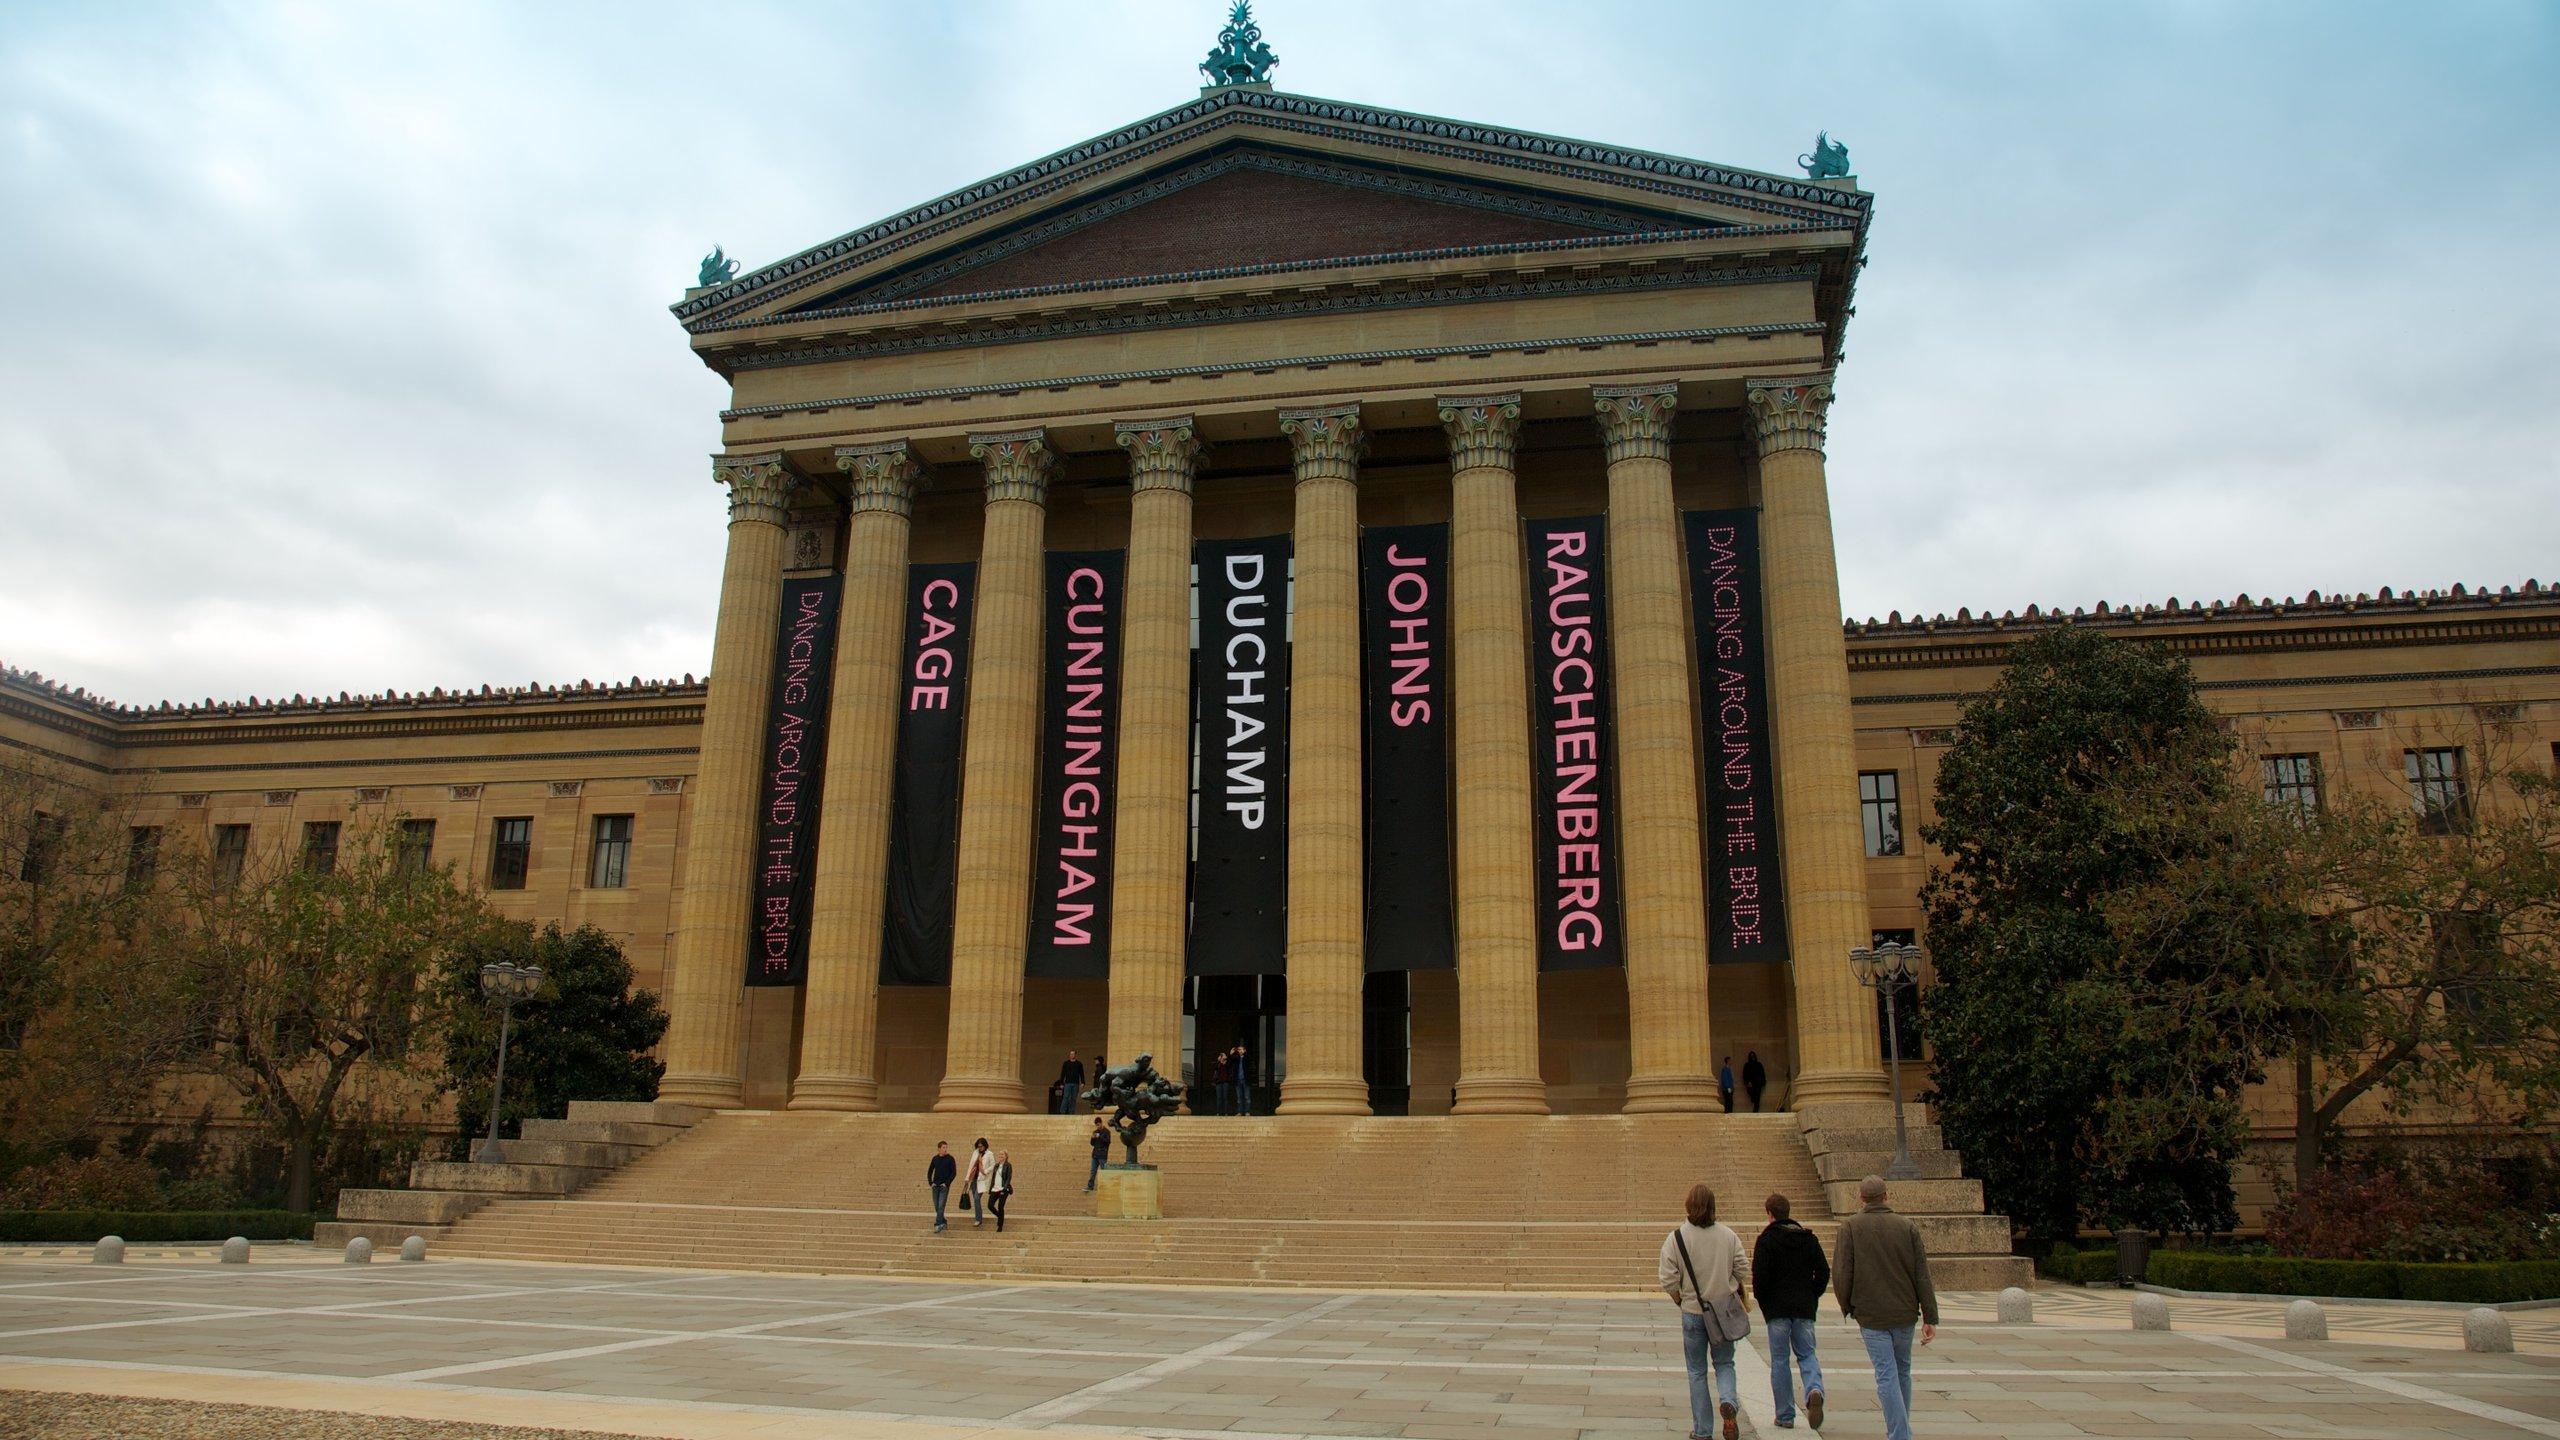 Com centenas de objetos, um Museu Rodin, obras de famosos artistas impressionistas e um jardim de esculturas, o Museu de Arte de Filadélfia é considerado um dos maiores do país.